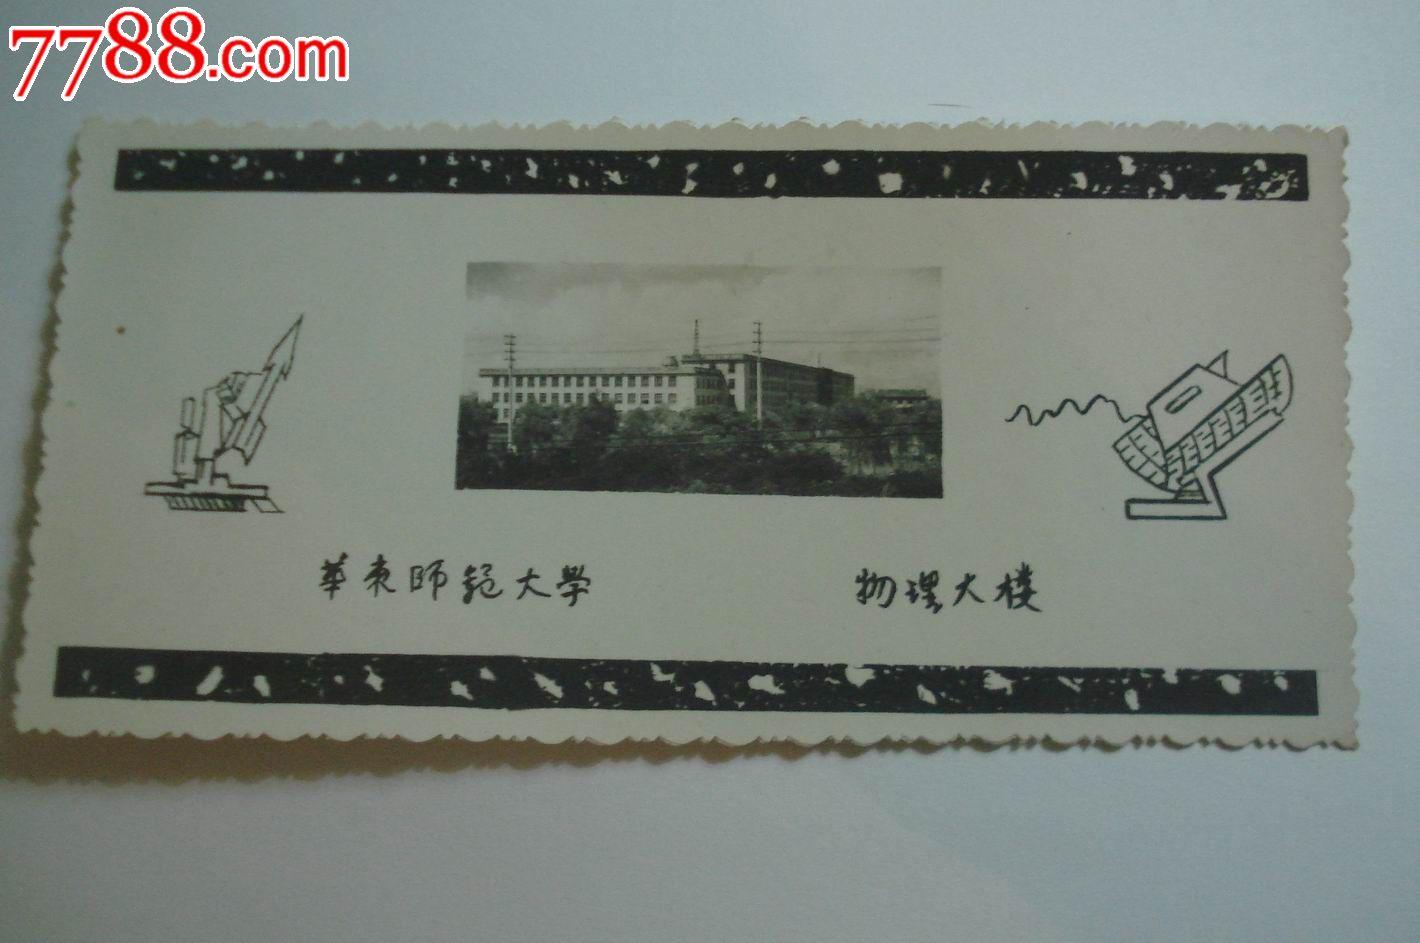 华东师范大学物理大楼